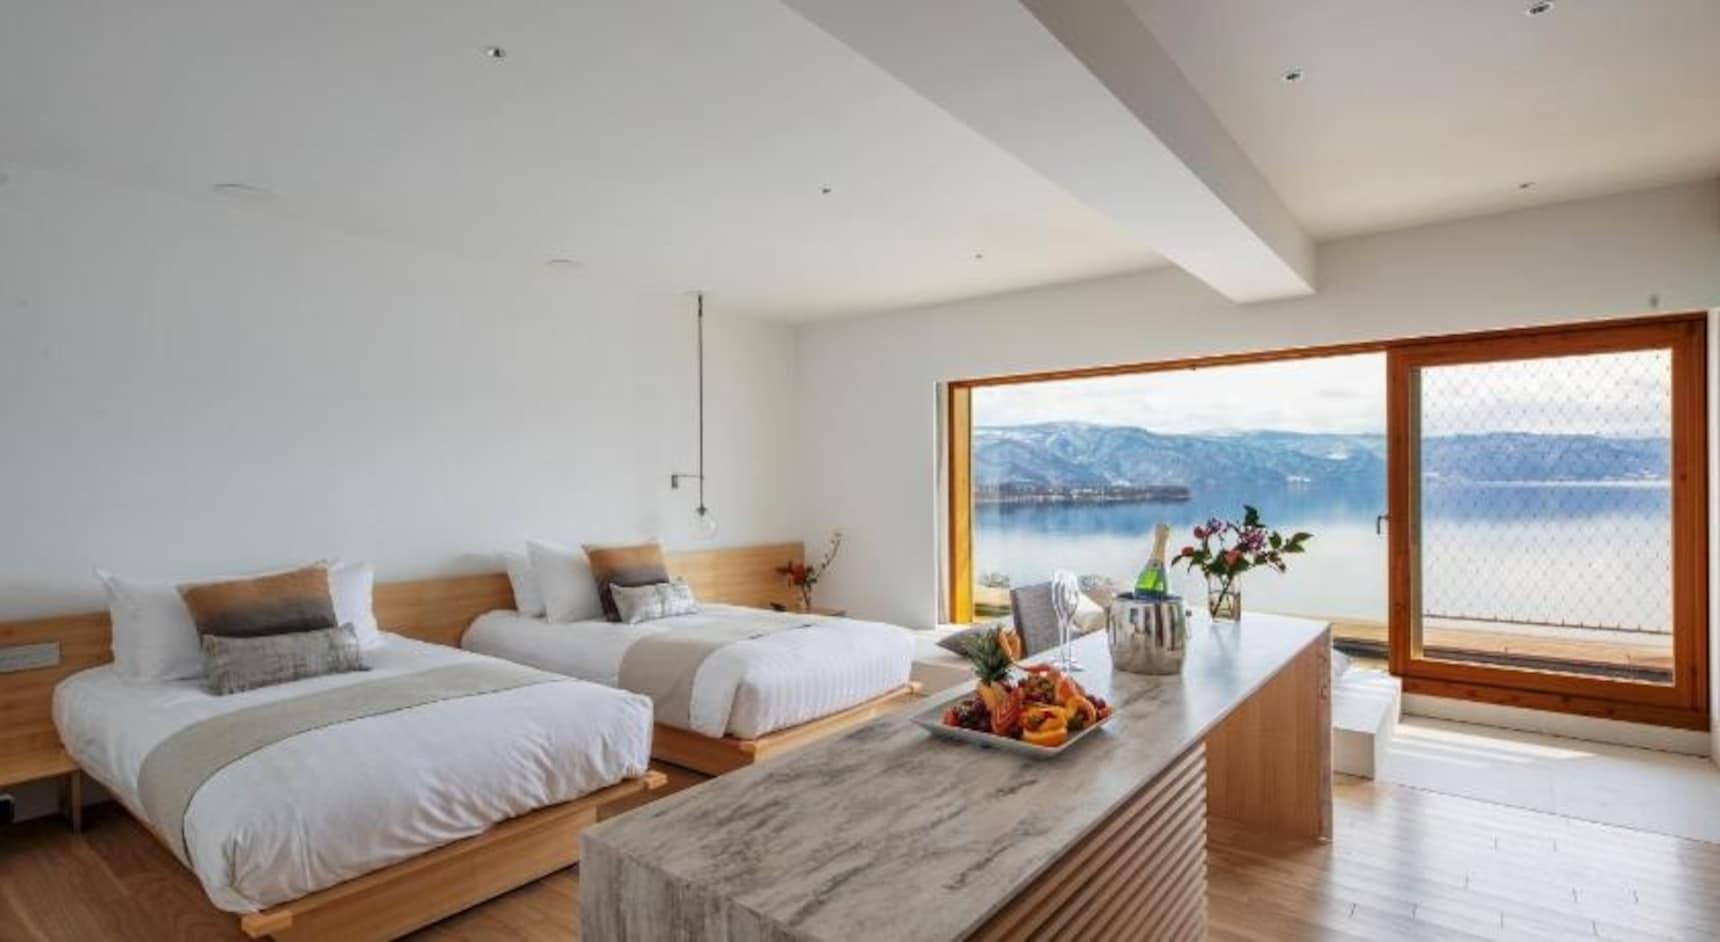 10 Best Hotels Near Lake Tōya, Japan